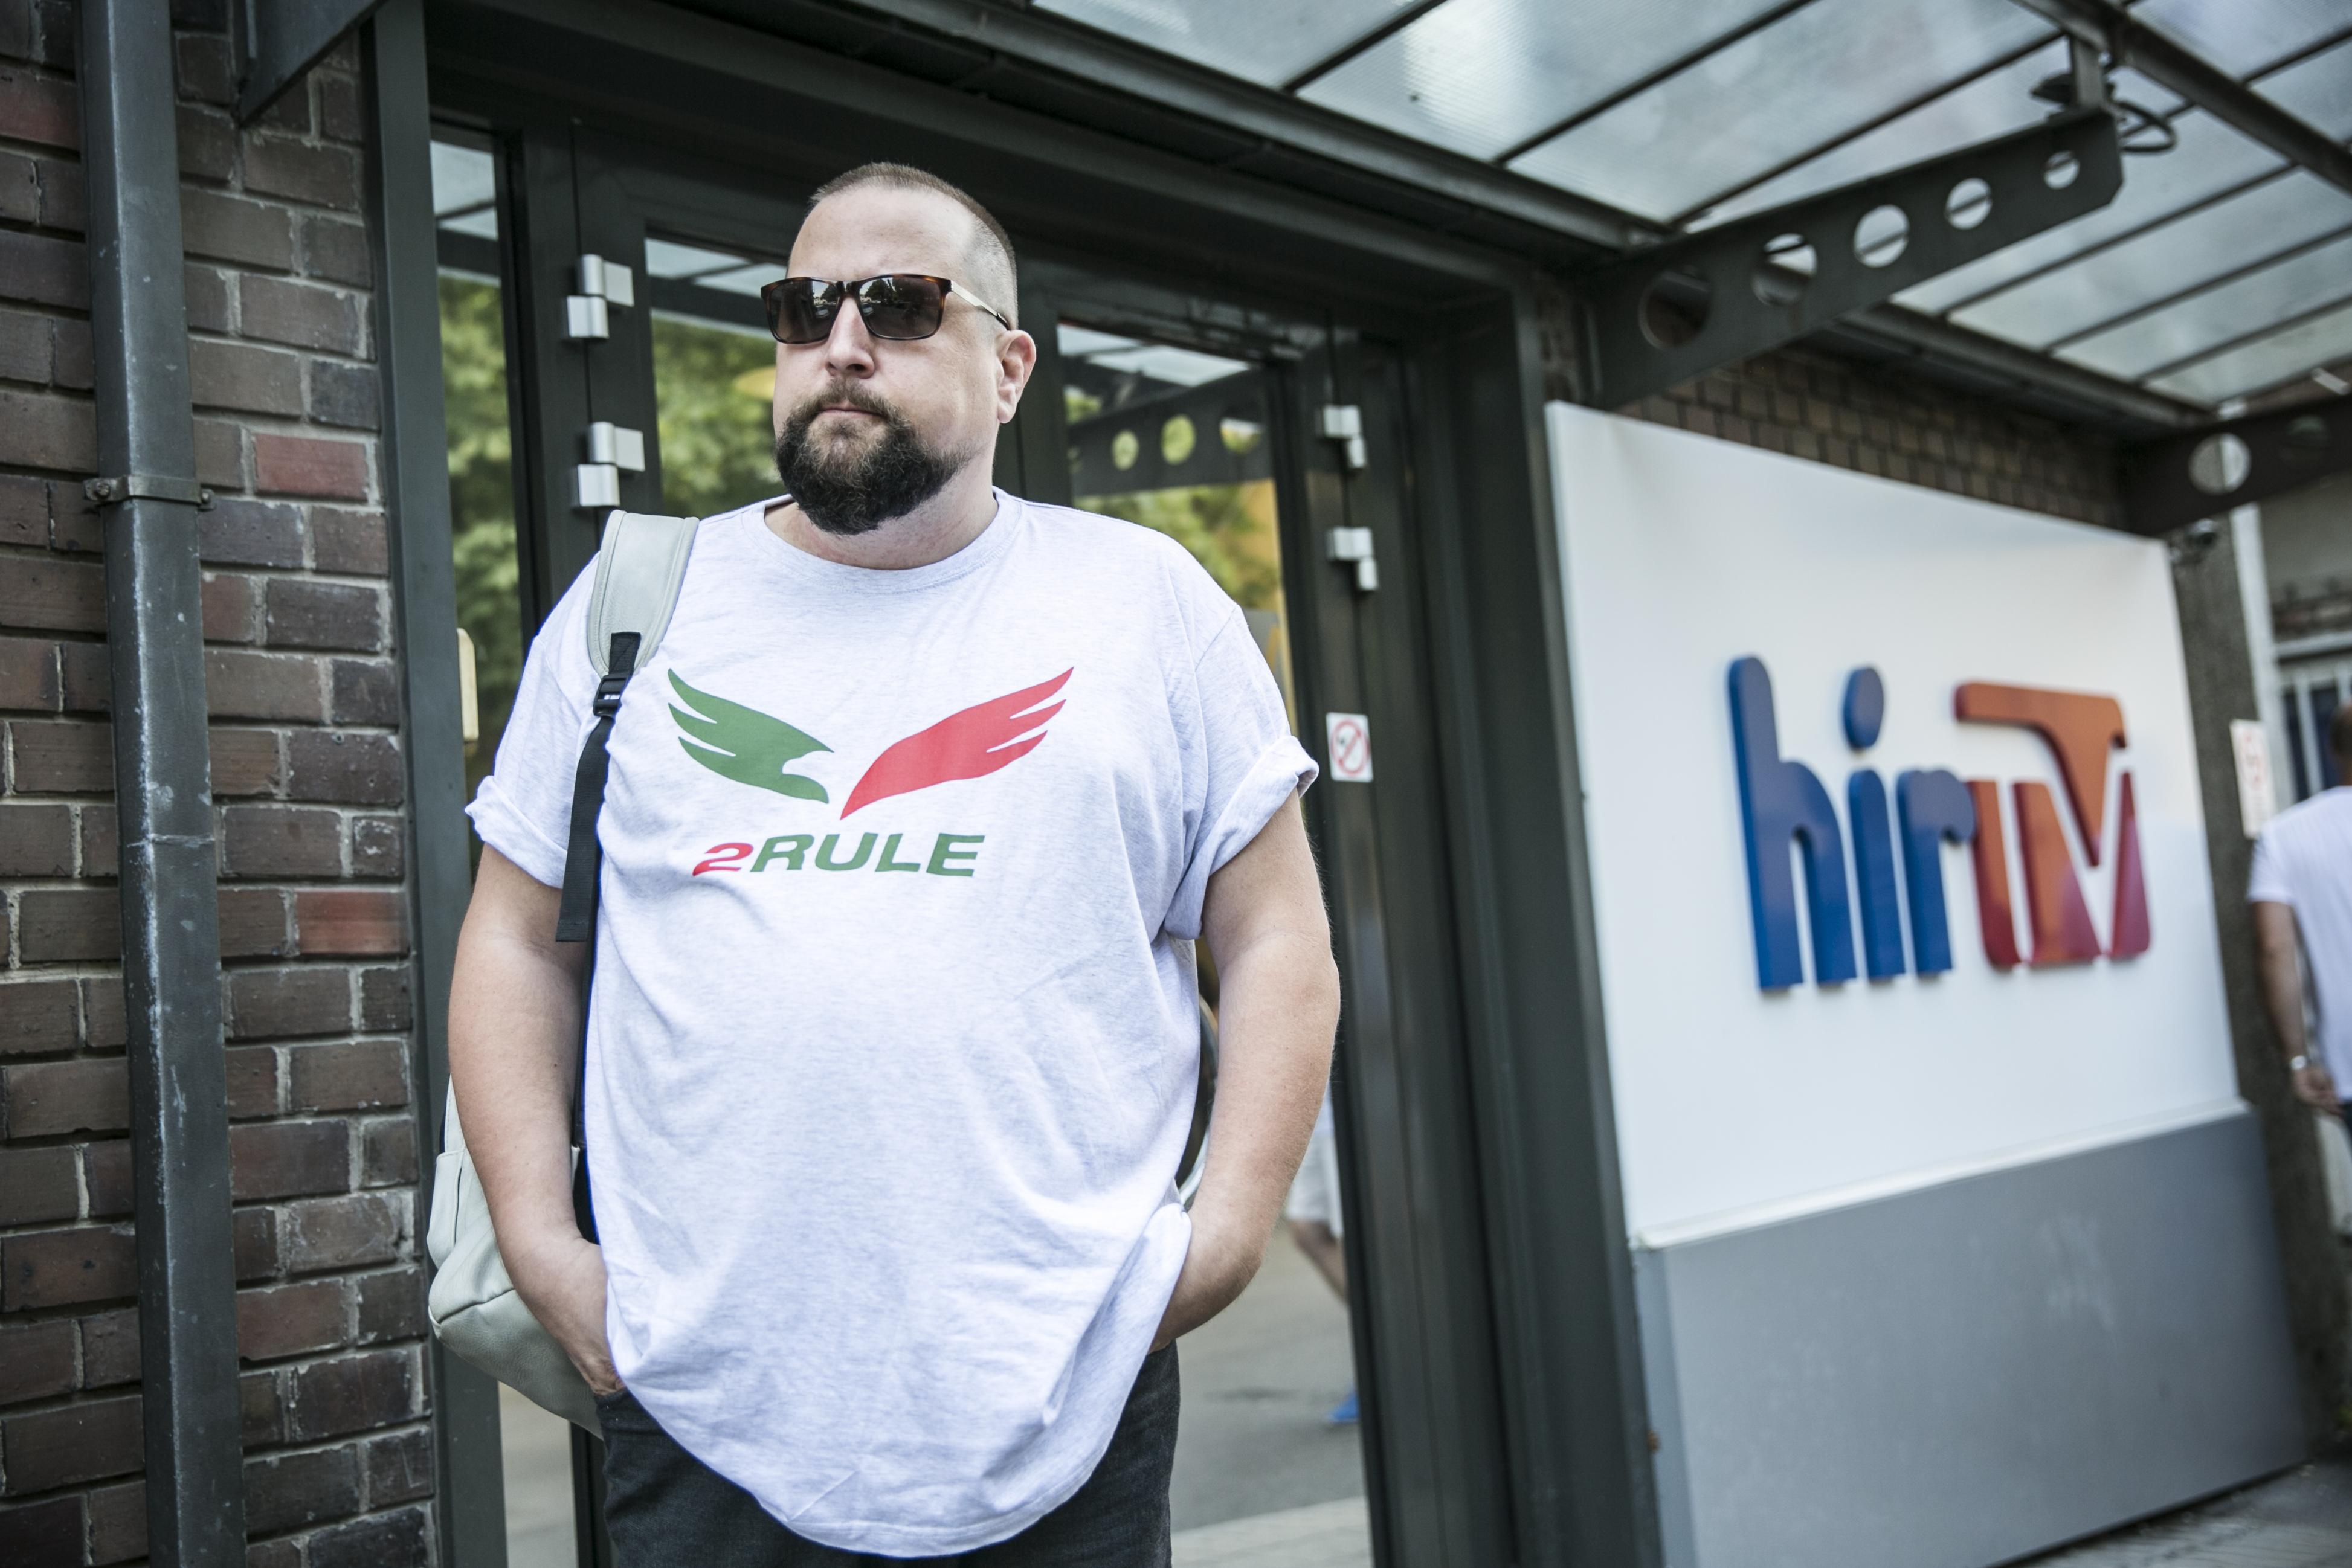 A Magyar Hang újságíróját is kihallgatták, miután Mészáros Lőrinc egyik cége feljelentést tett